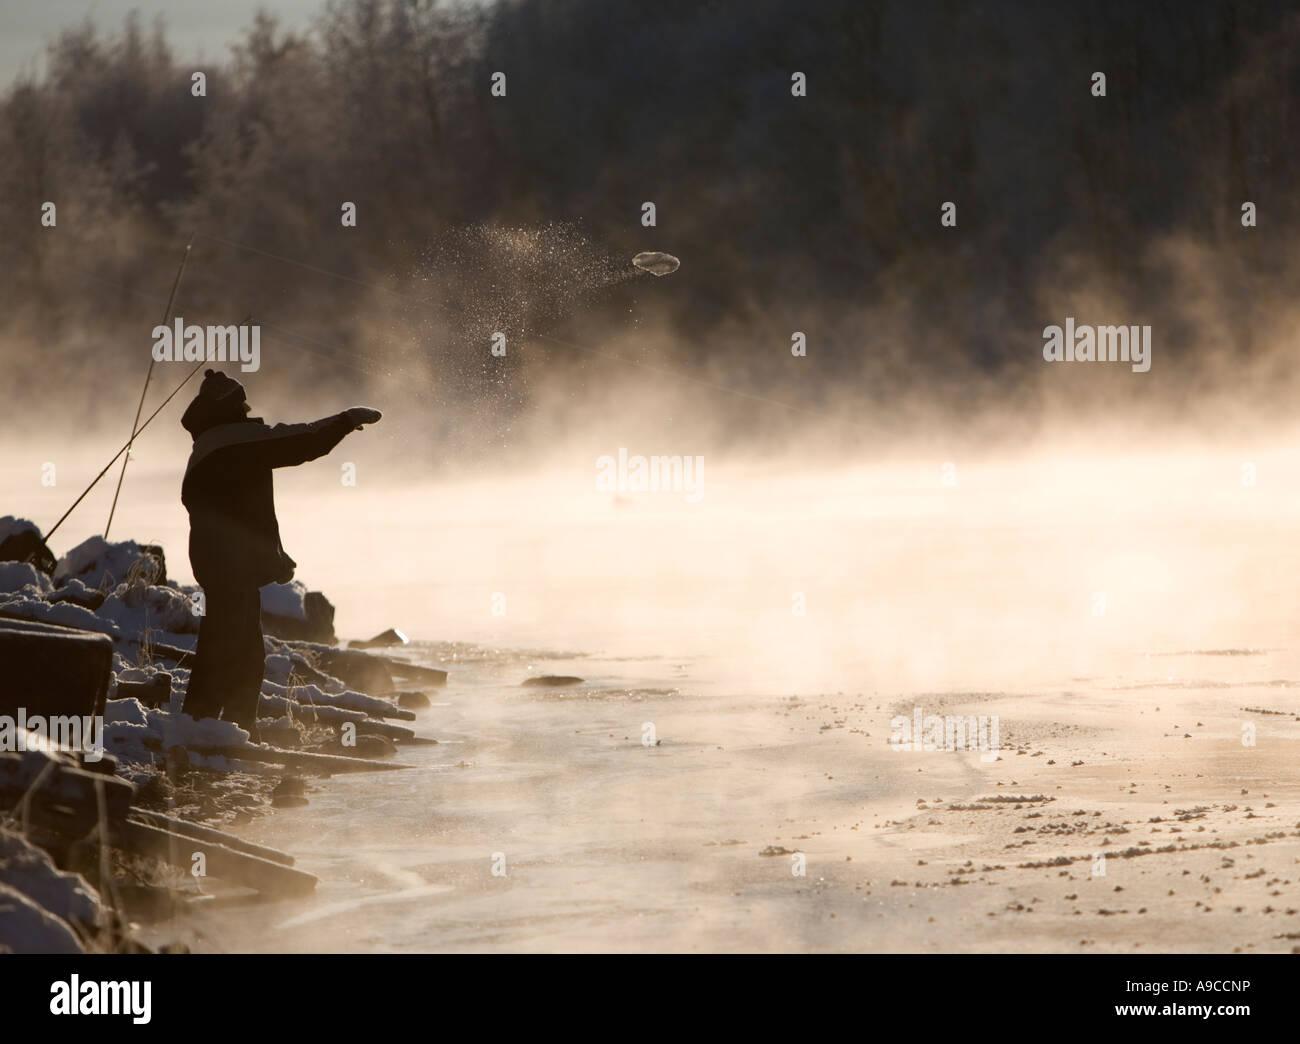 Silhouette eines Fischers im Winter, der versucht, das Eis zu brechen, durch das Werfen eines Klumpen Eis zum Eisrand, Stockbild